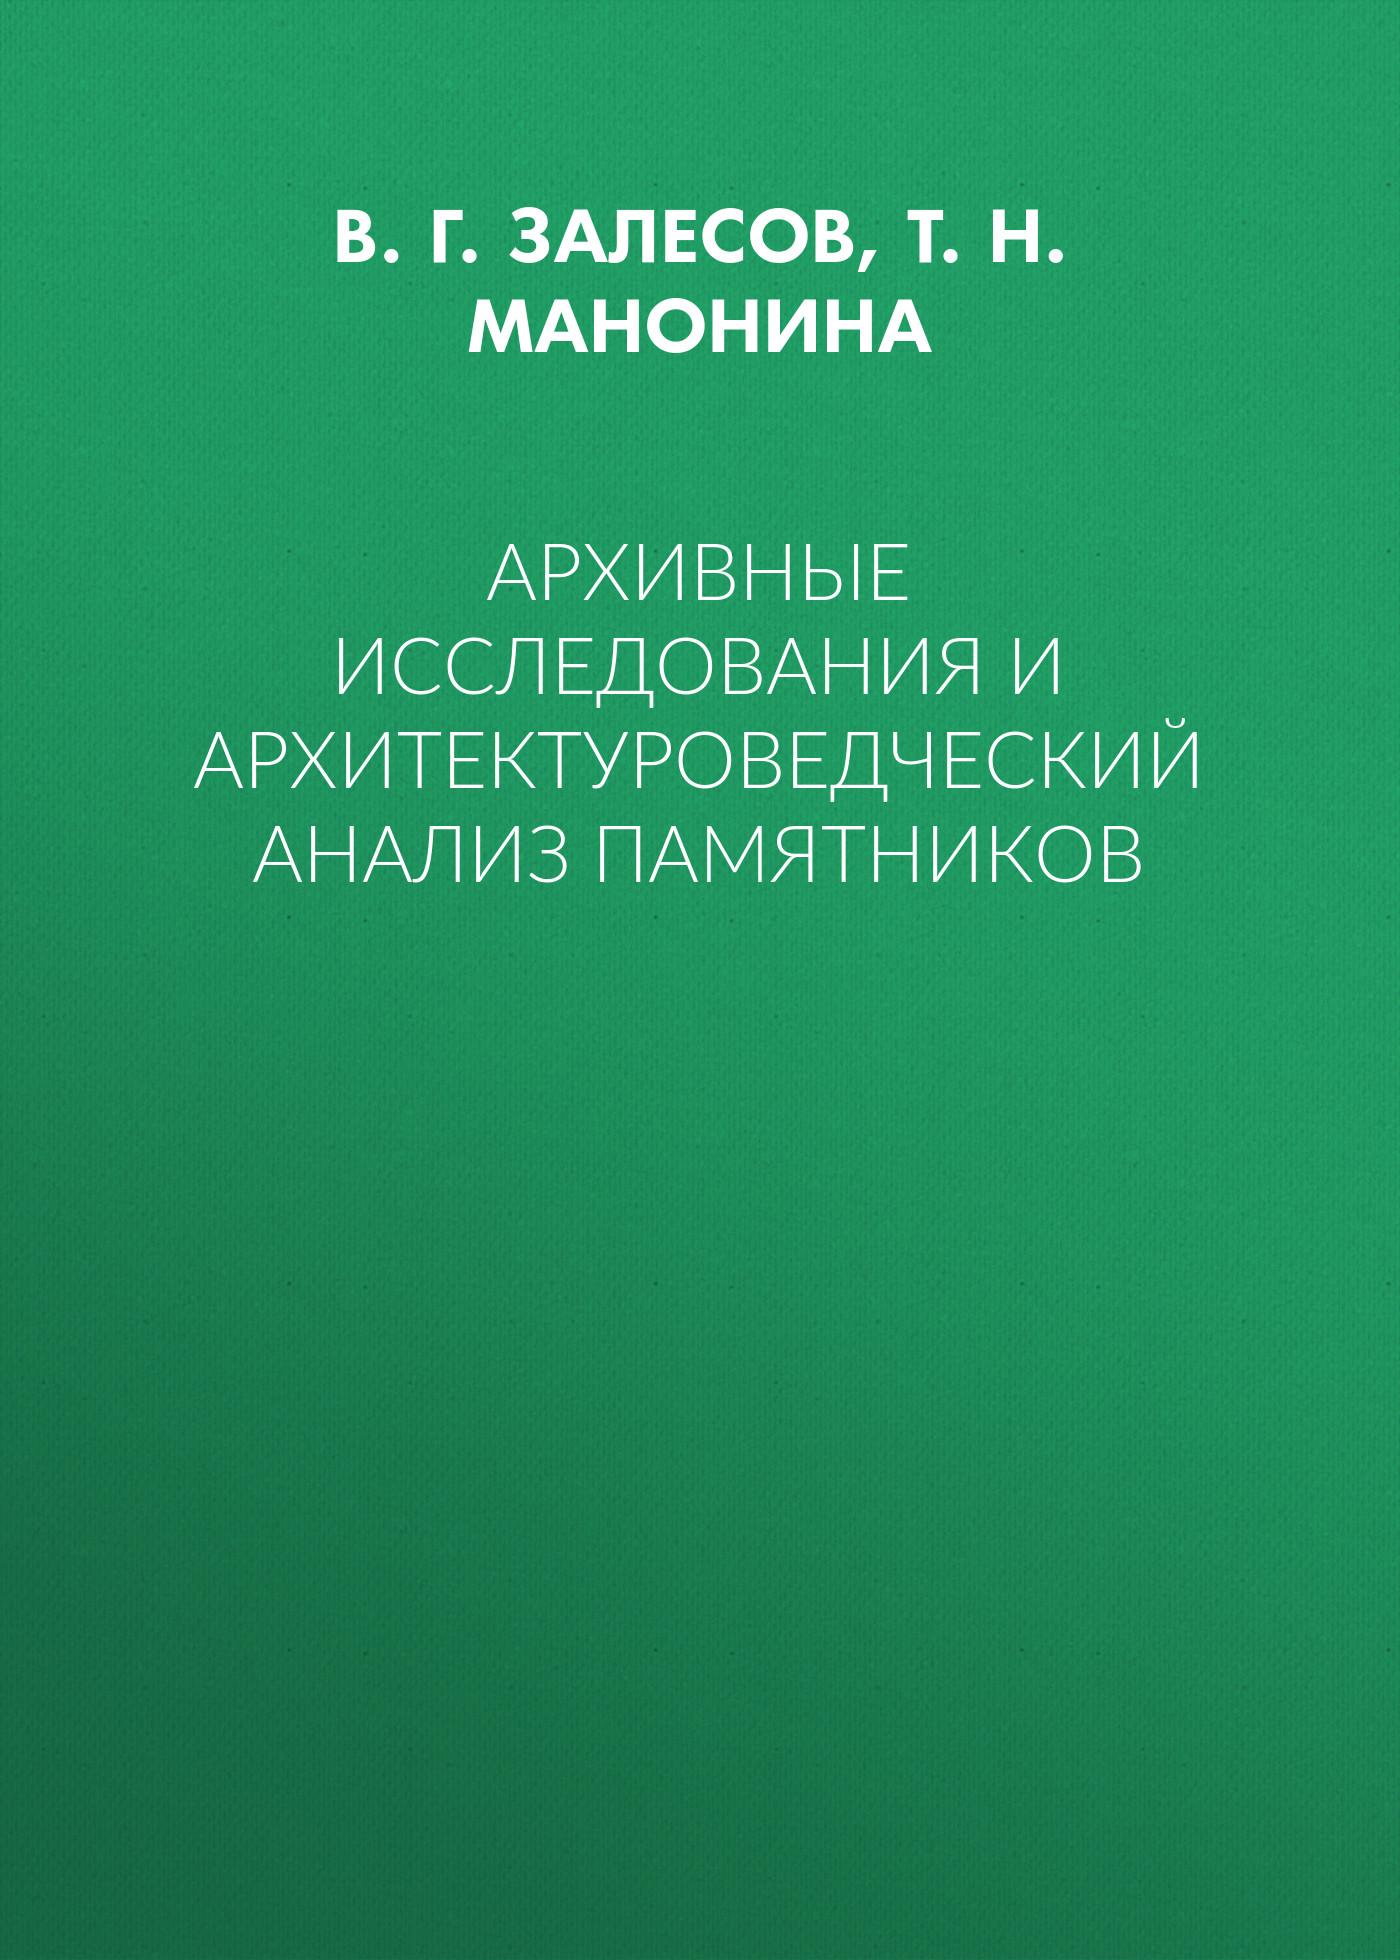 Т. Н. Манонина Архивные исследования и архитектуроведческий анализ памятников